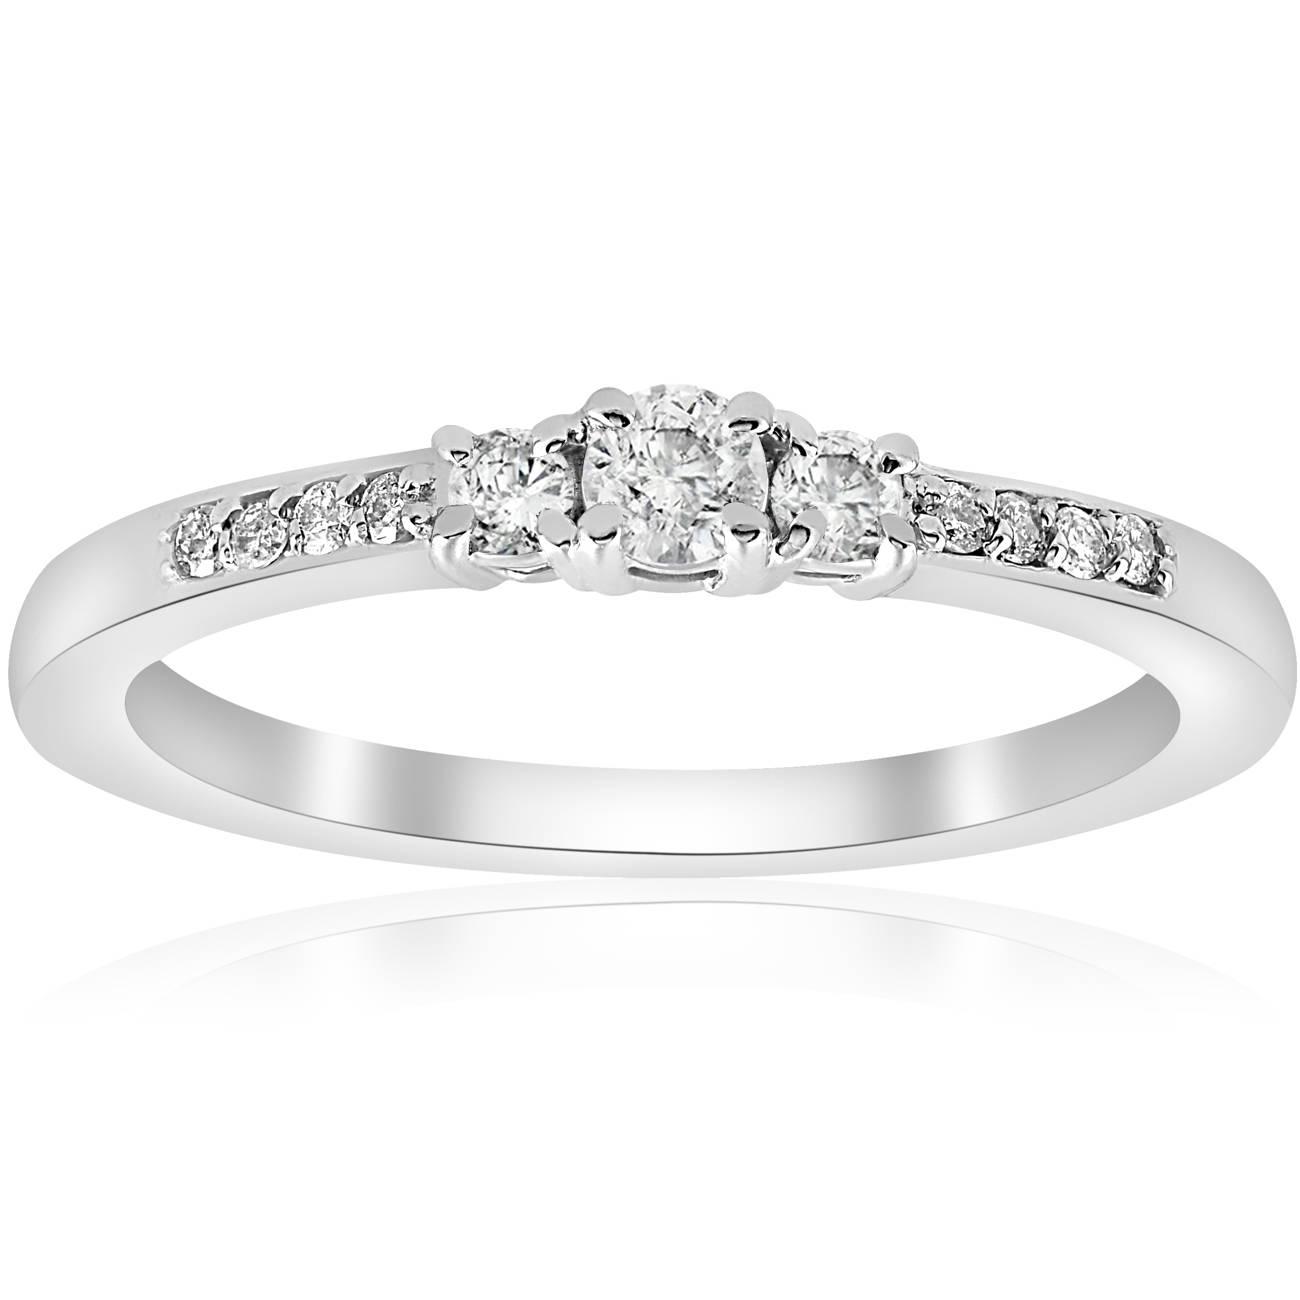 1 4ct Three Stone Round Diamond Engagement Ring 14K White Gold Solitaire Jewl